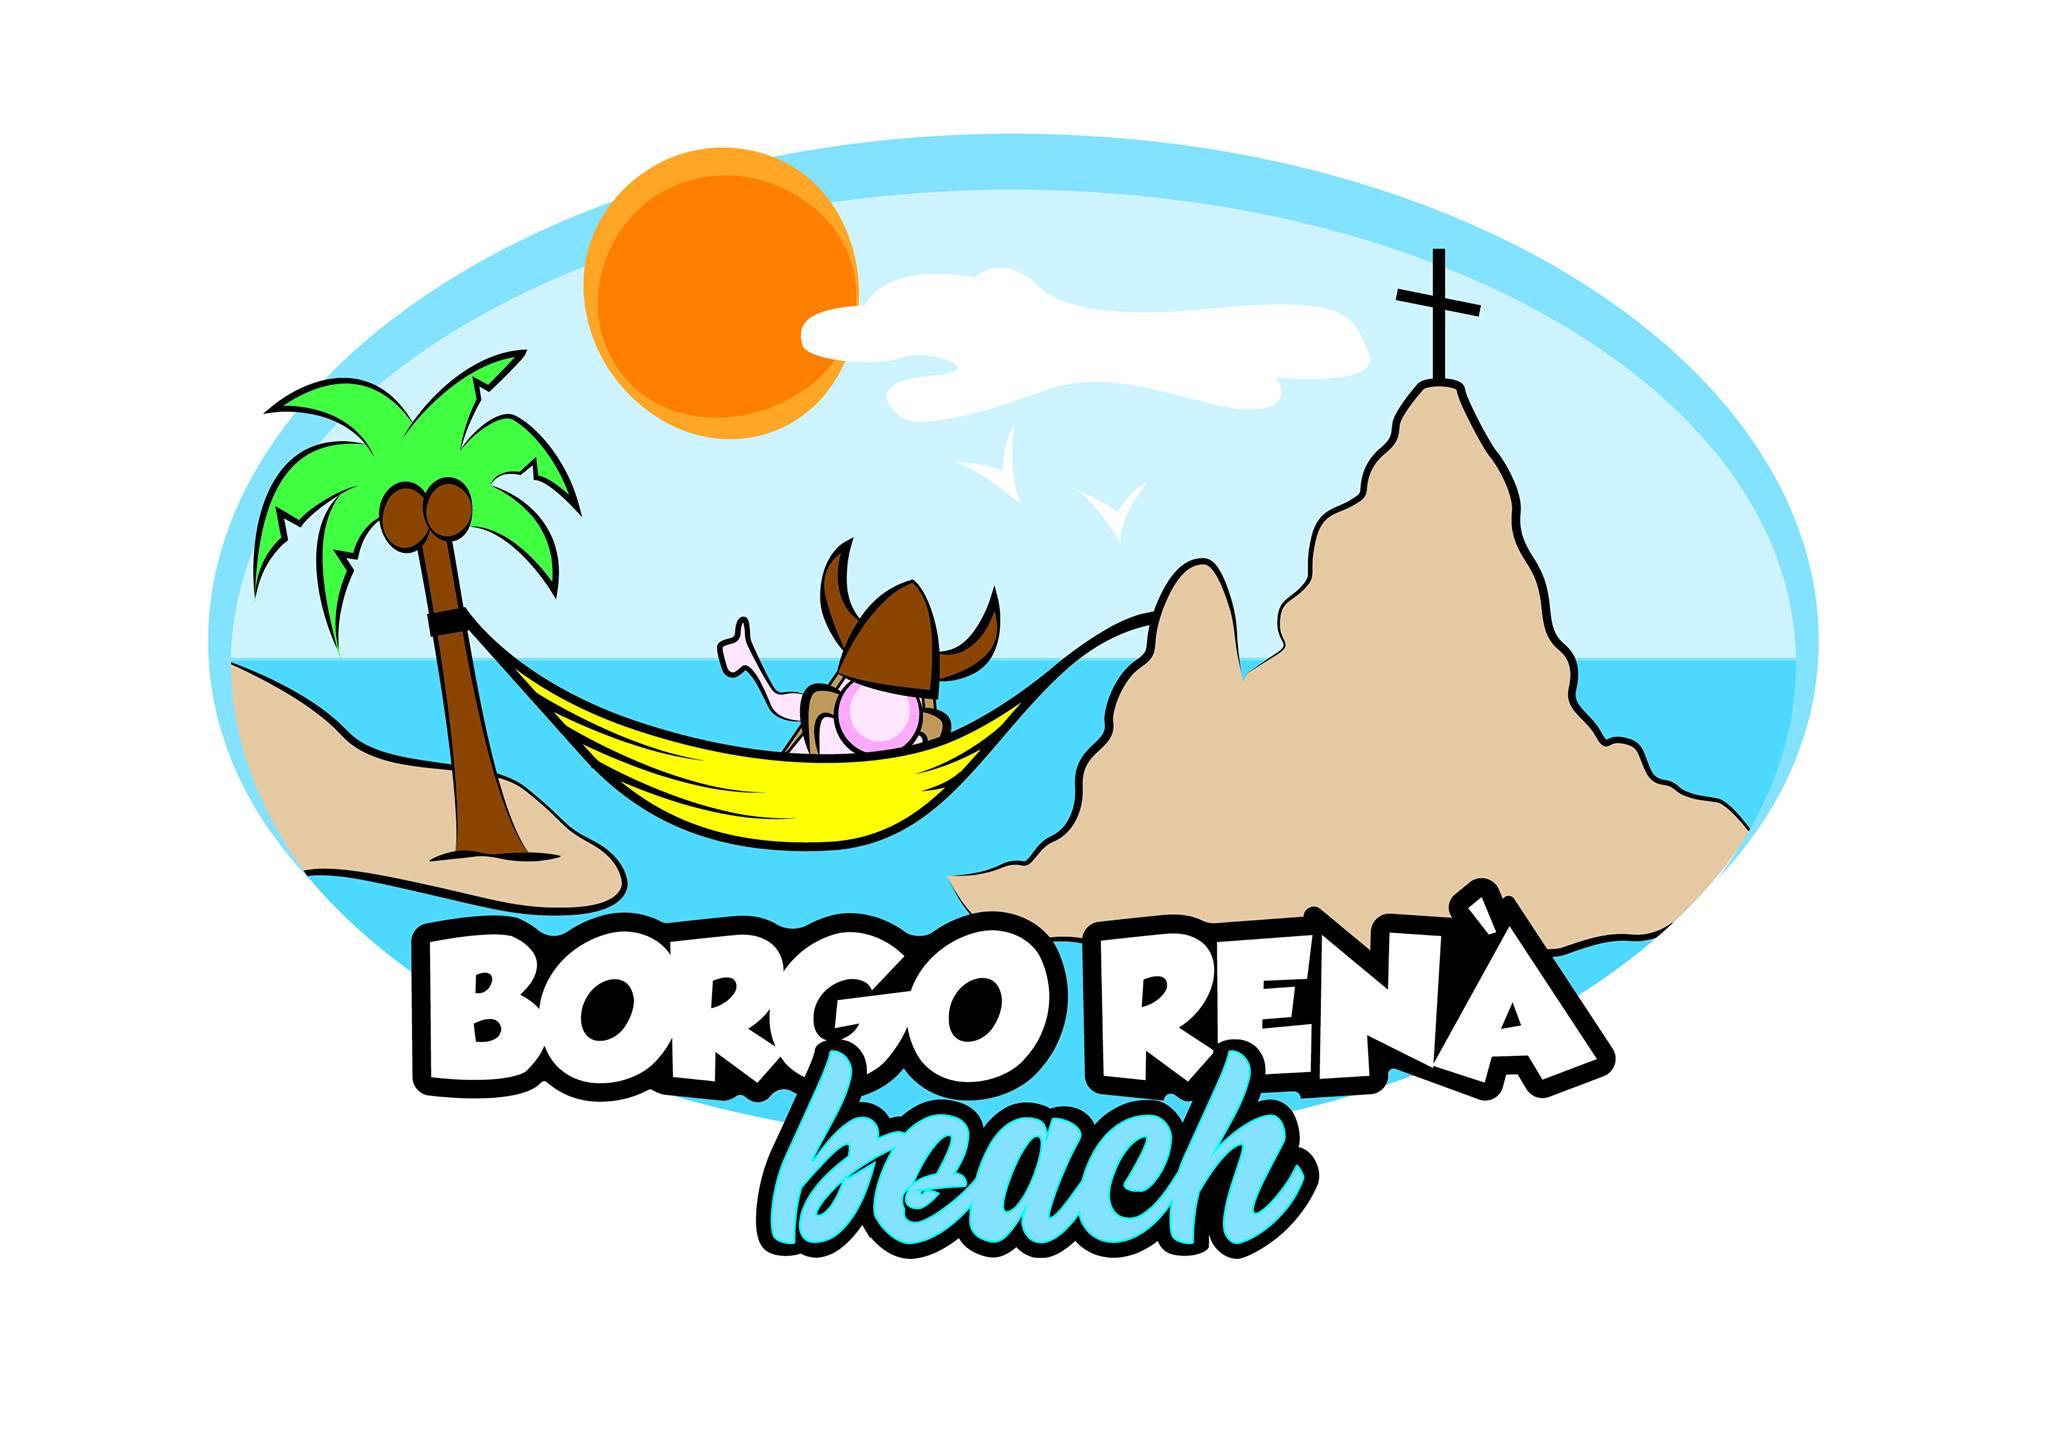 Borgo Renà Beach